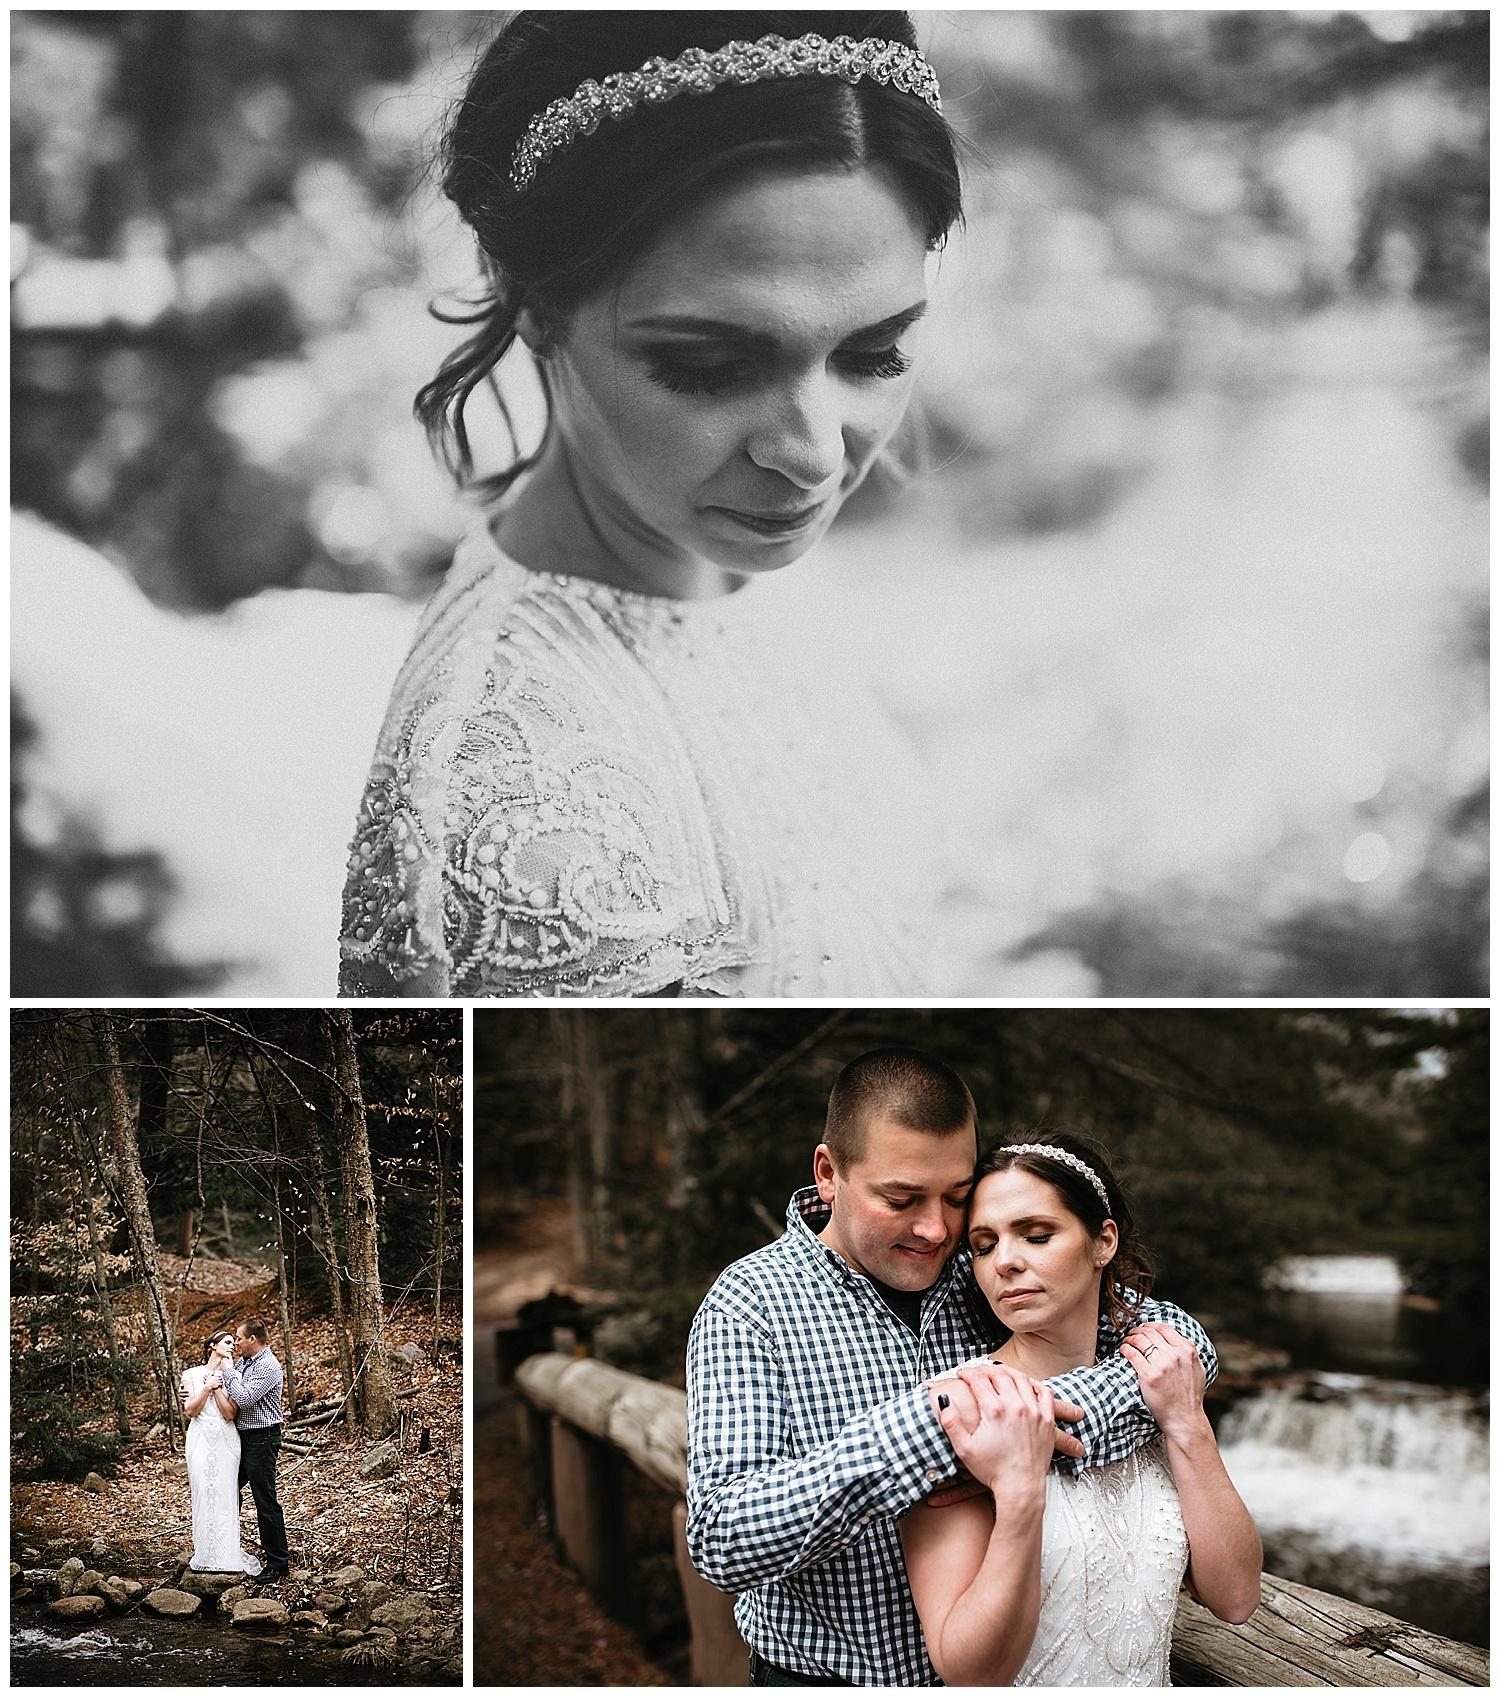 NEPA-Wedding-Engagement-photographer-hickory-run-state-park-hawk-falls-elopement_0023.jpg